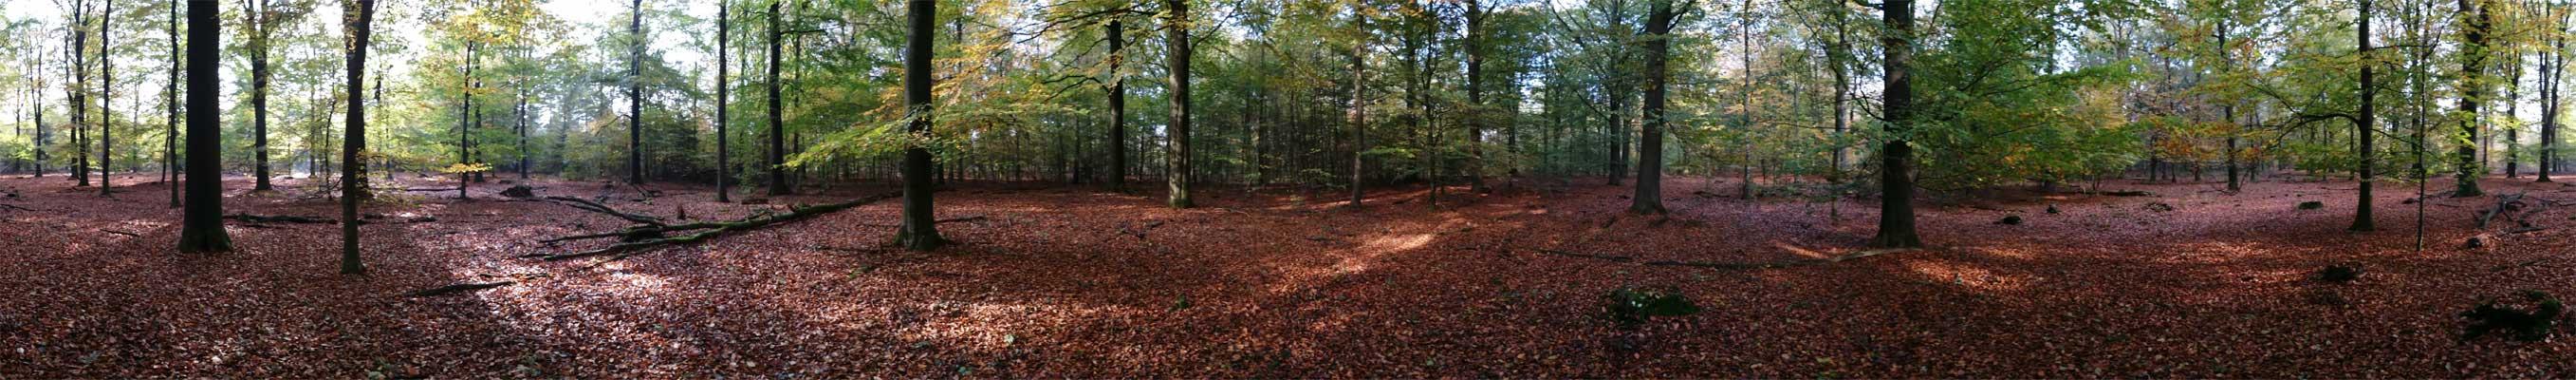 boswachterij-gees-groene-route-panorama-III-voetzoekers